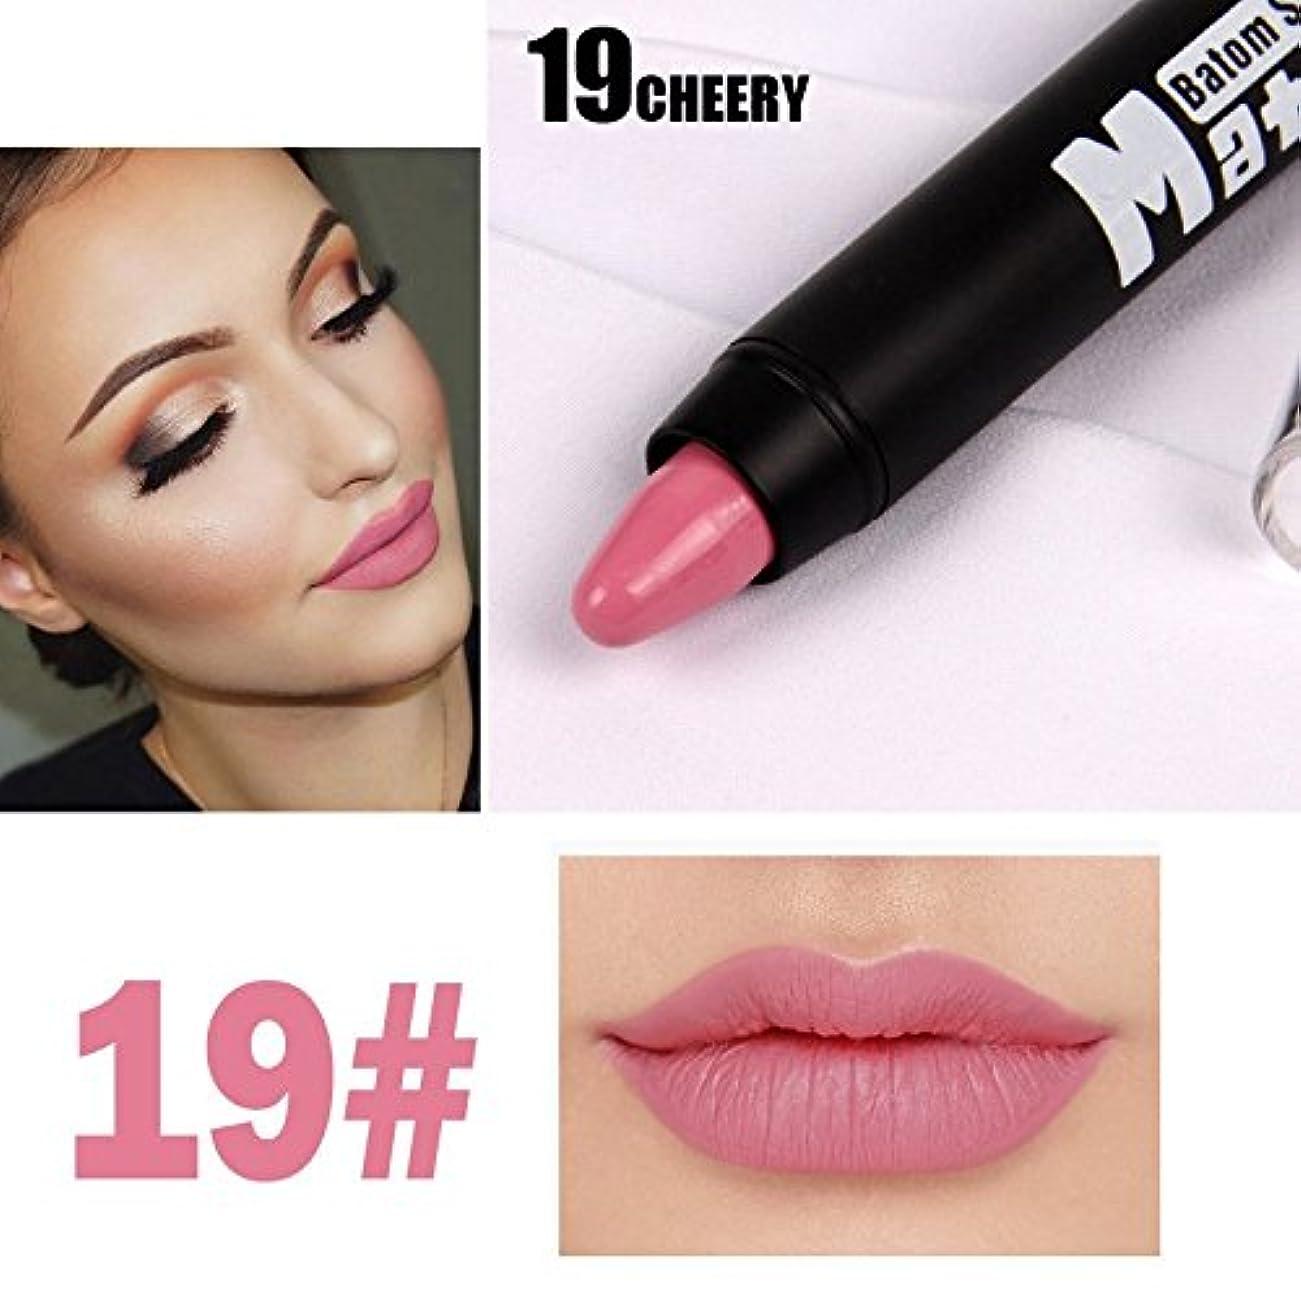 クレタとして忙しいMISS ROSE Professional Women Waterproof Lipstick Lips Cream Beauty Lote Batom Matte Lipstick Nude Pencils Makeup